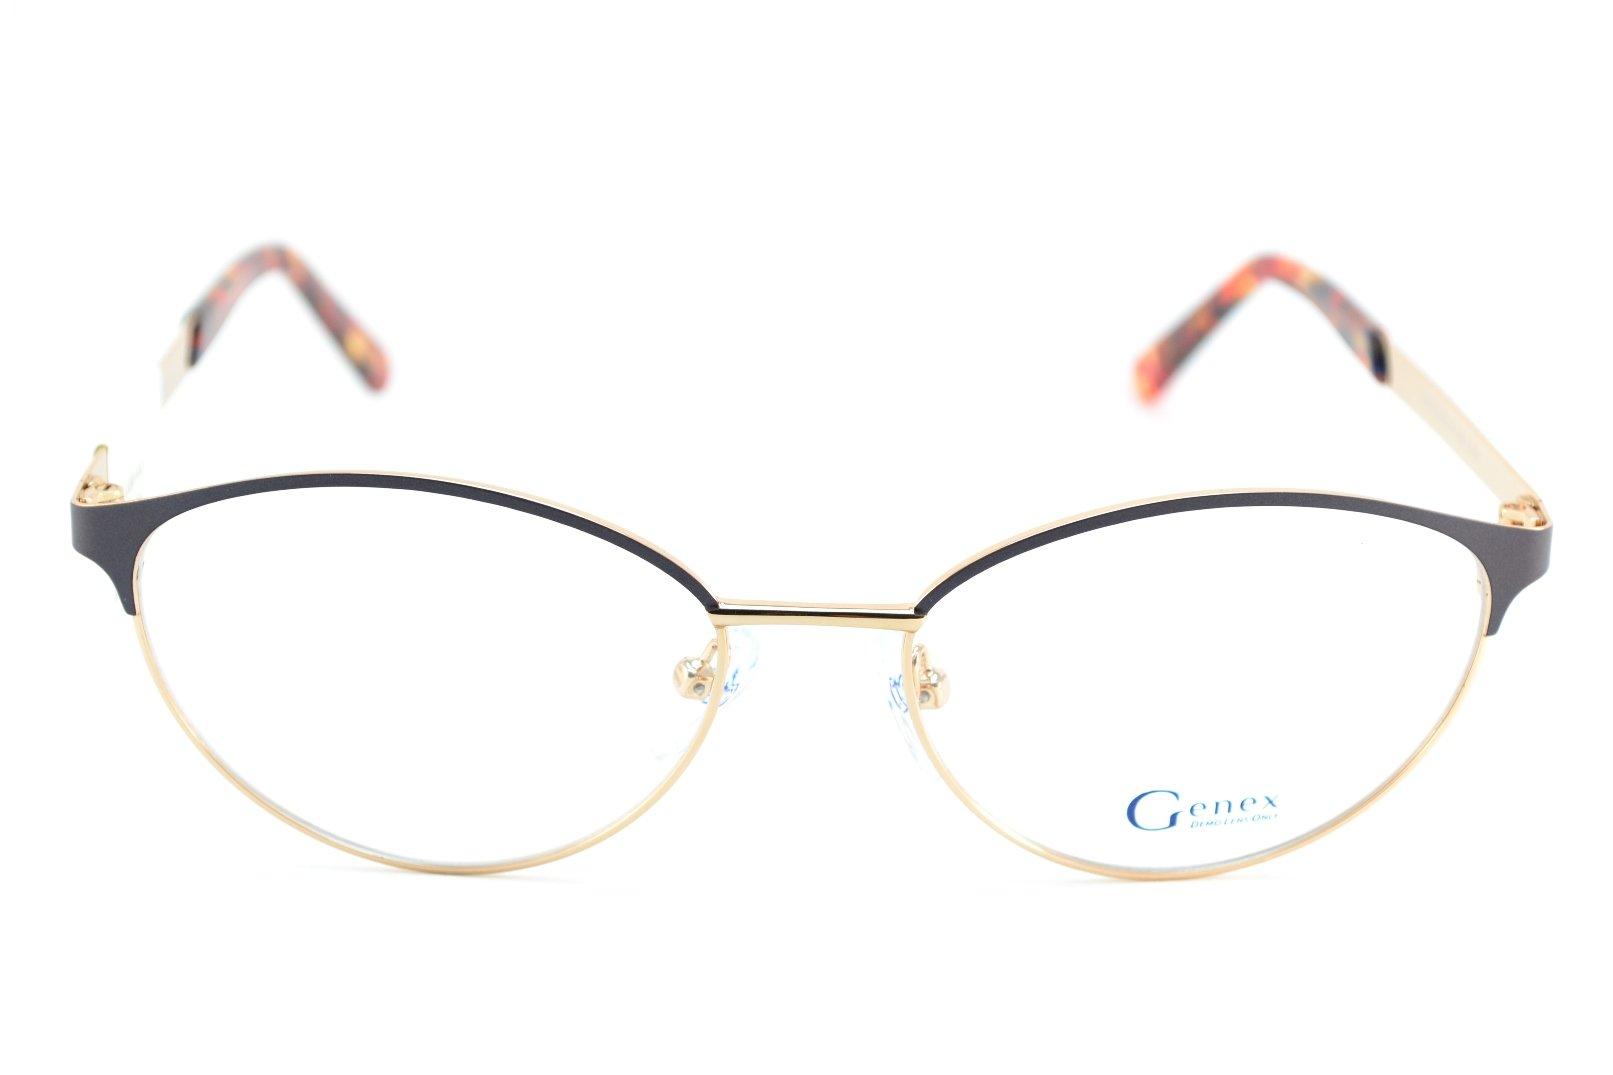 Купить очки гуглес к вош в арзамас держатель смартфона для коптера mavik